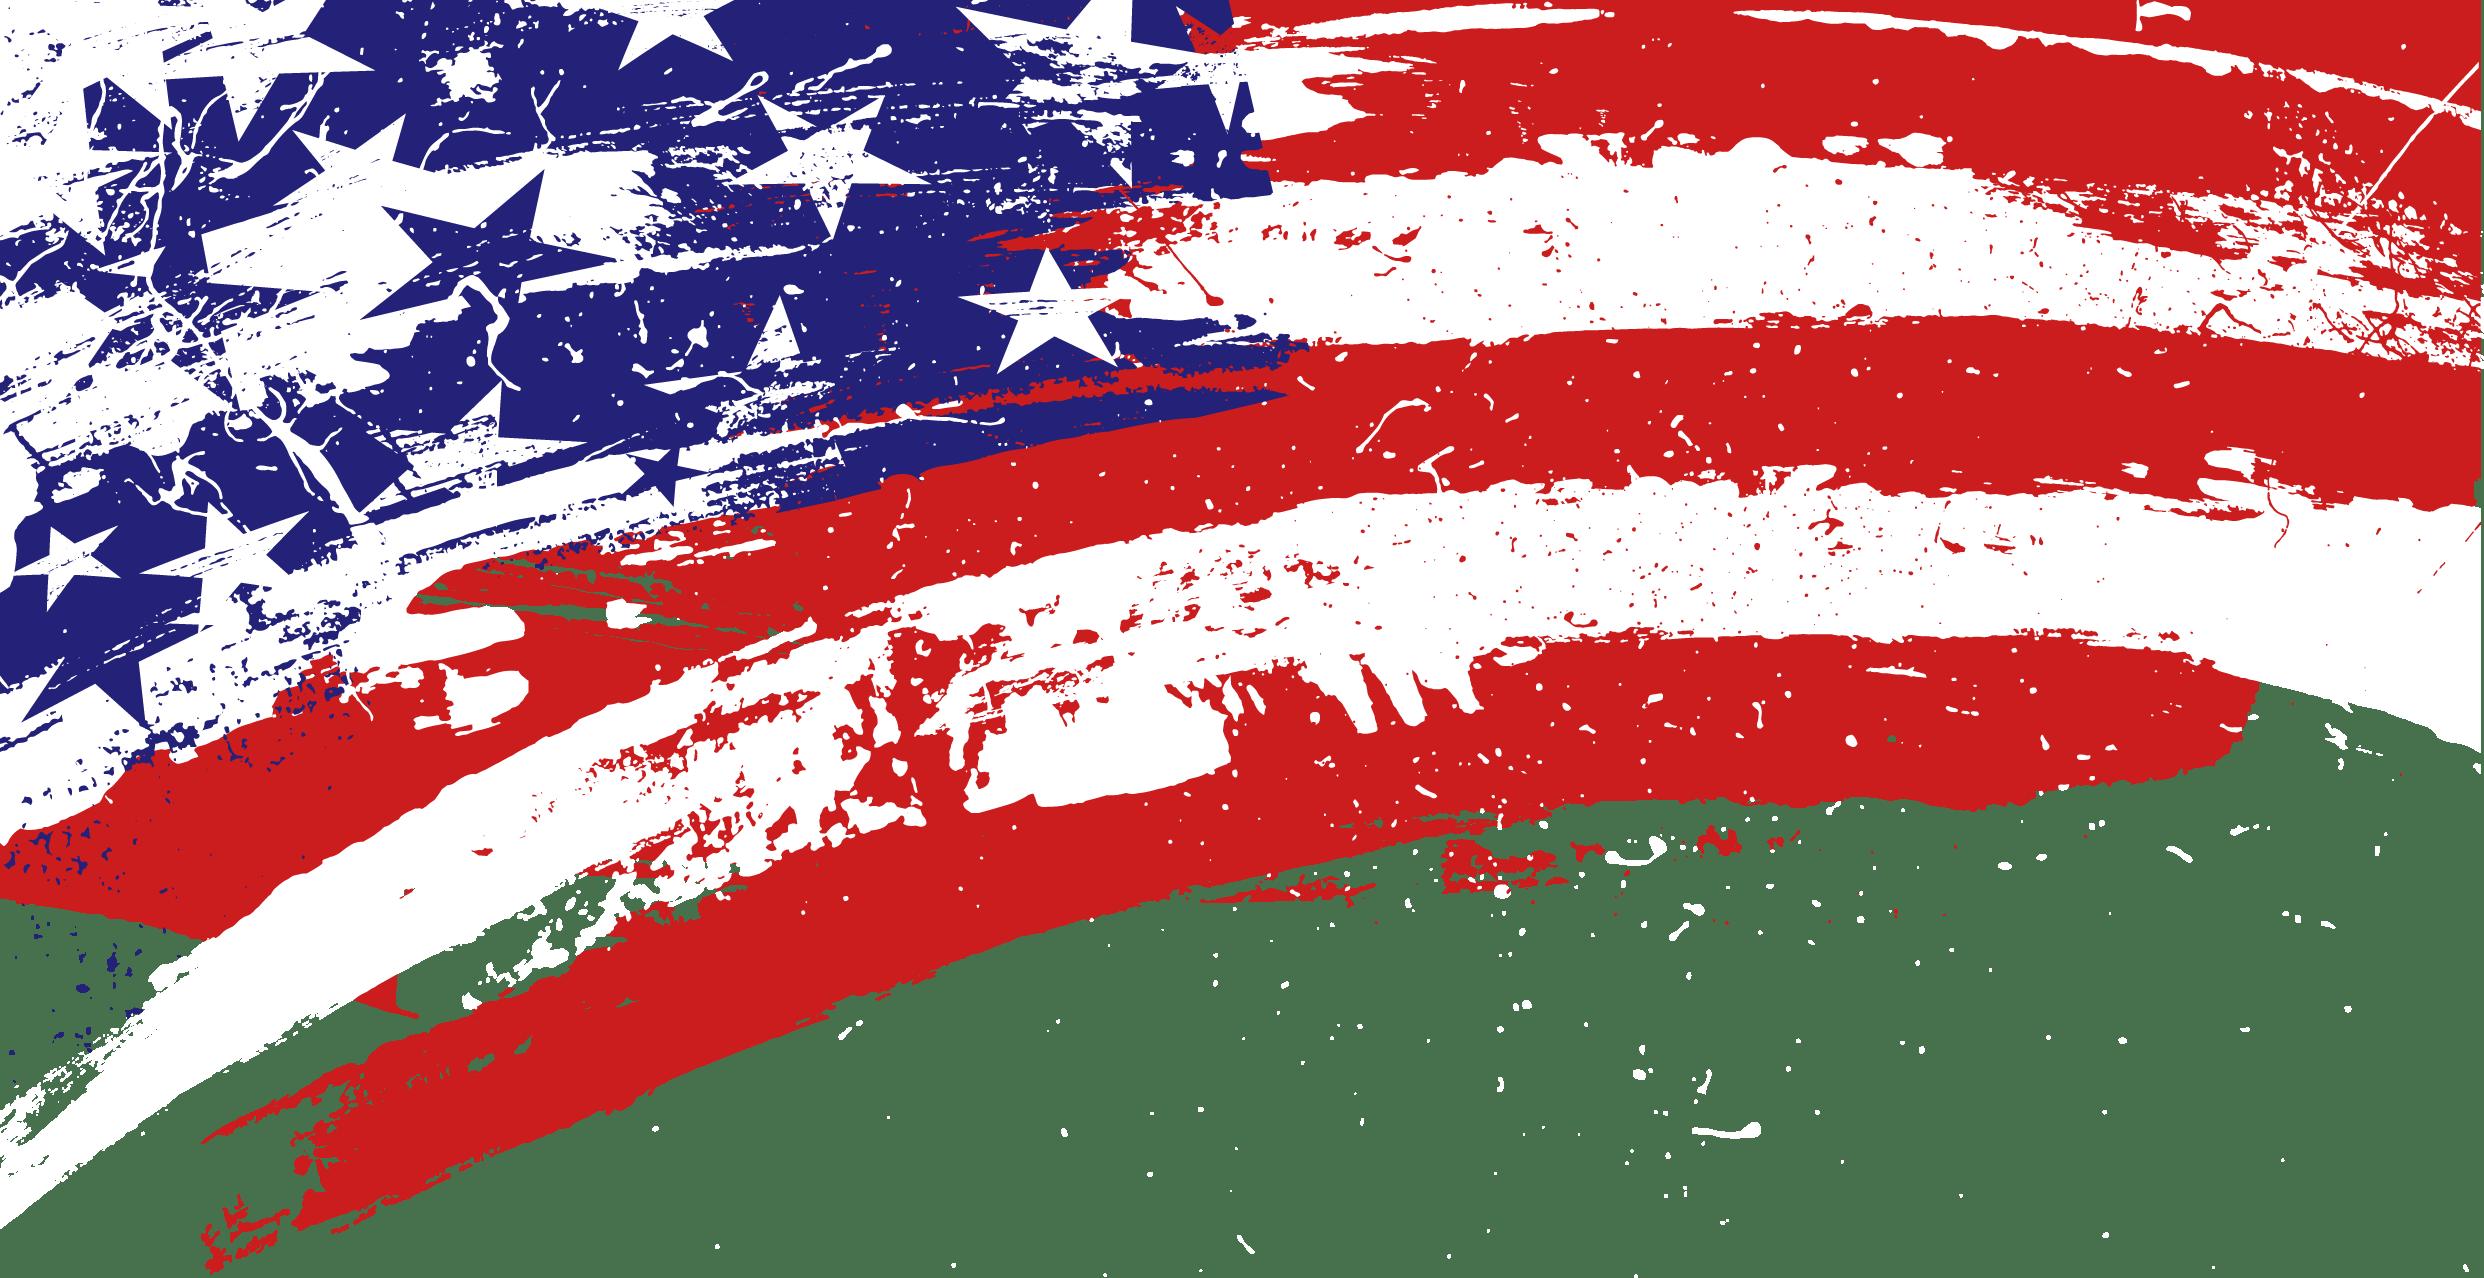 Grunge black transparent png. Flag clipart frame